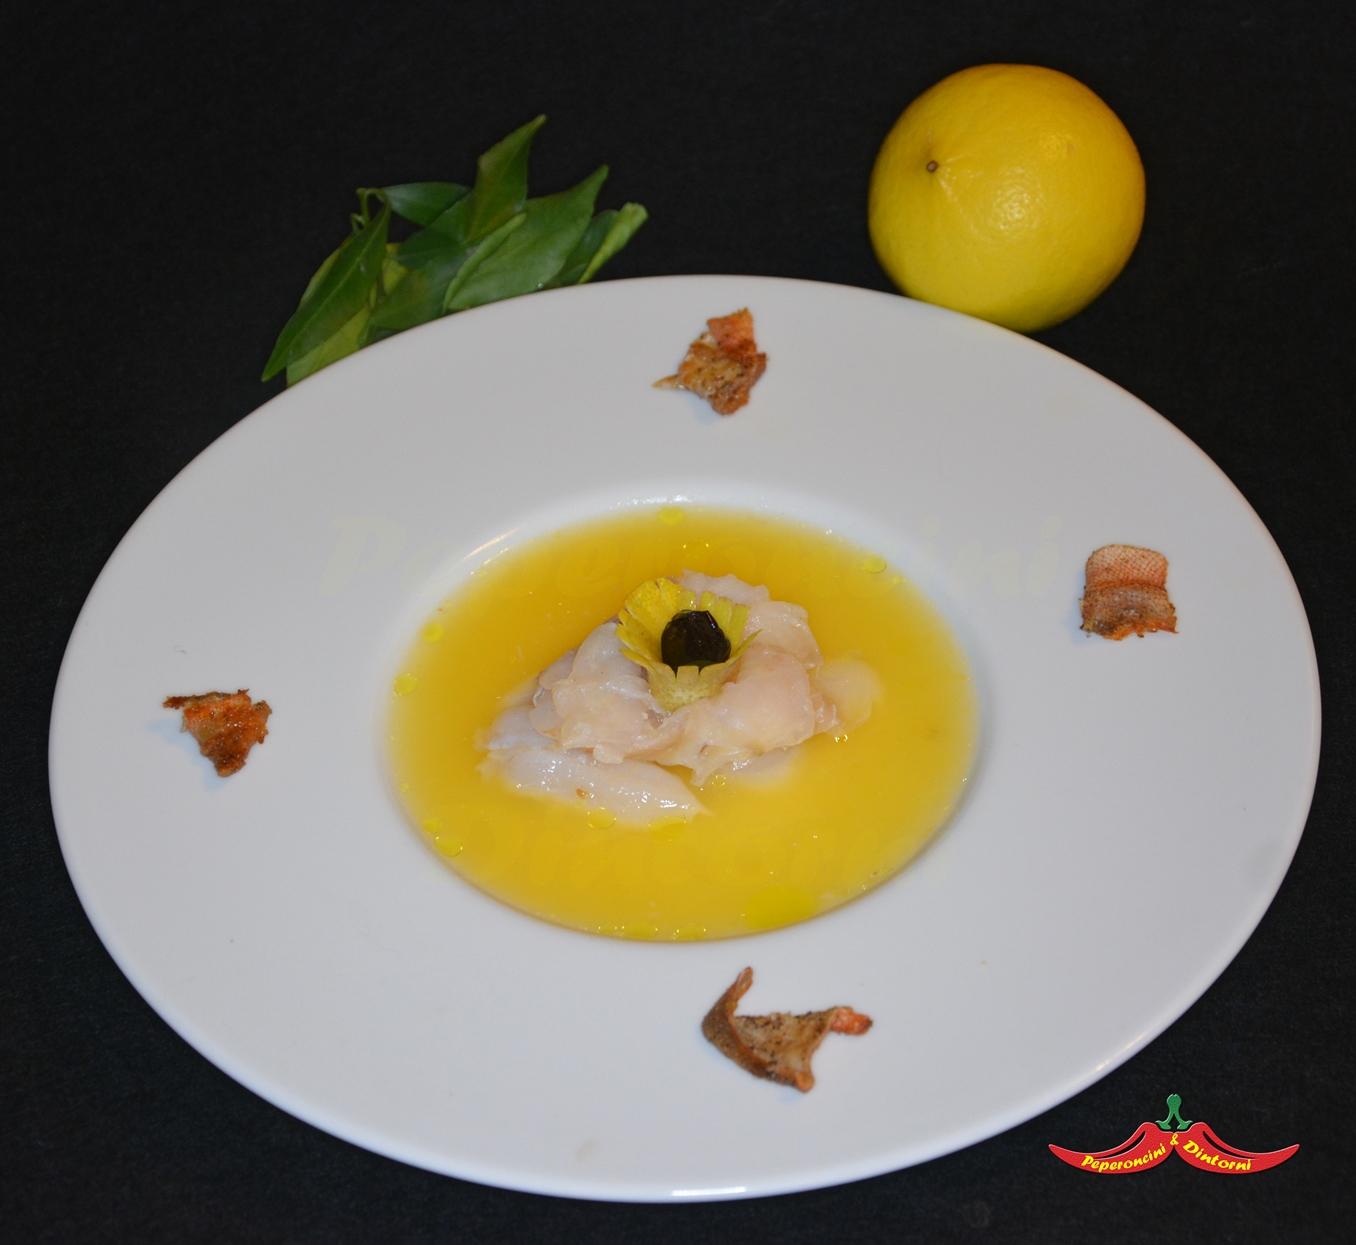 Fiore di Scorfano, e la sua pelle, marinato al Bergamotto e olive nere al forno